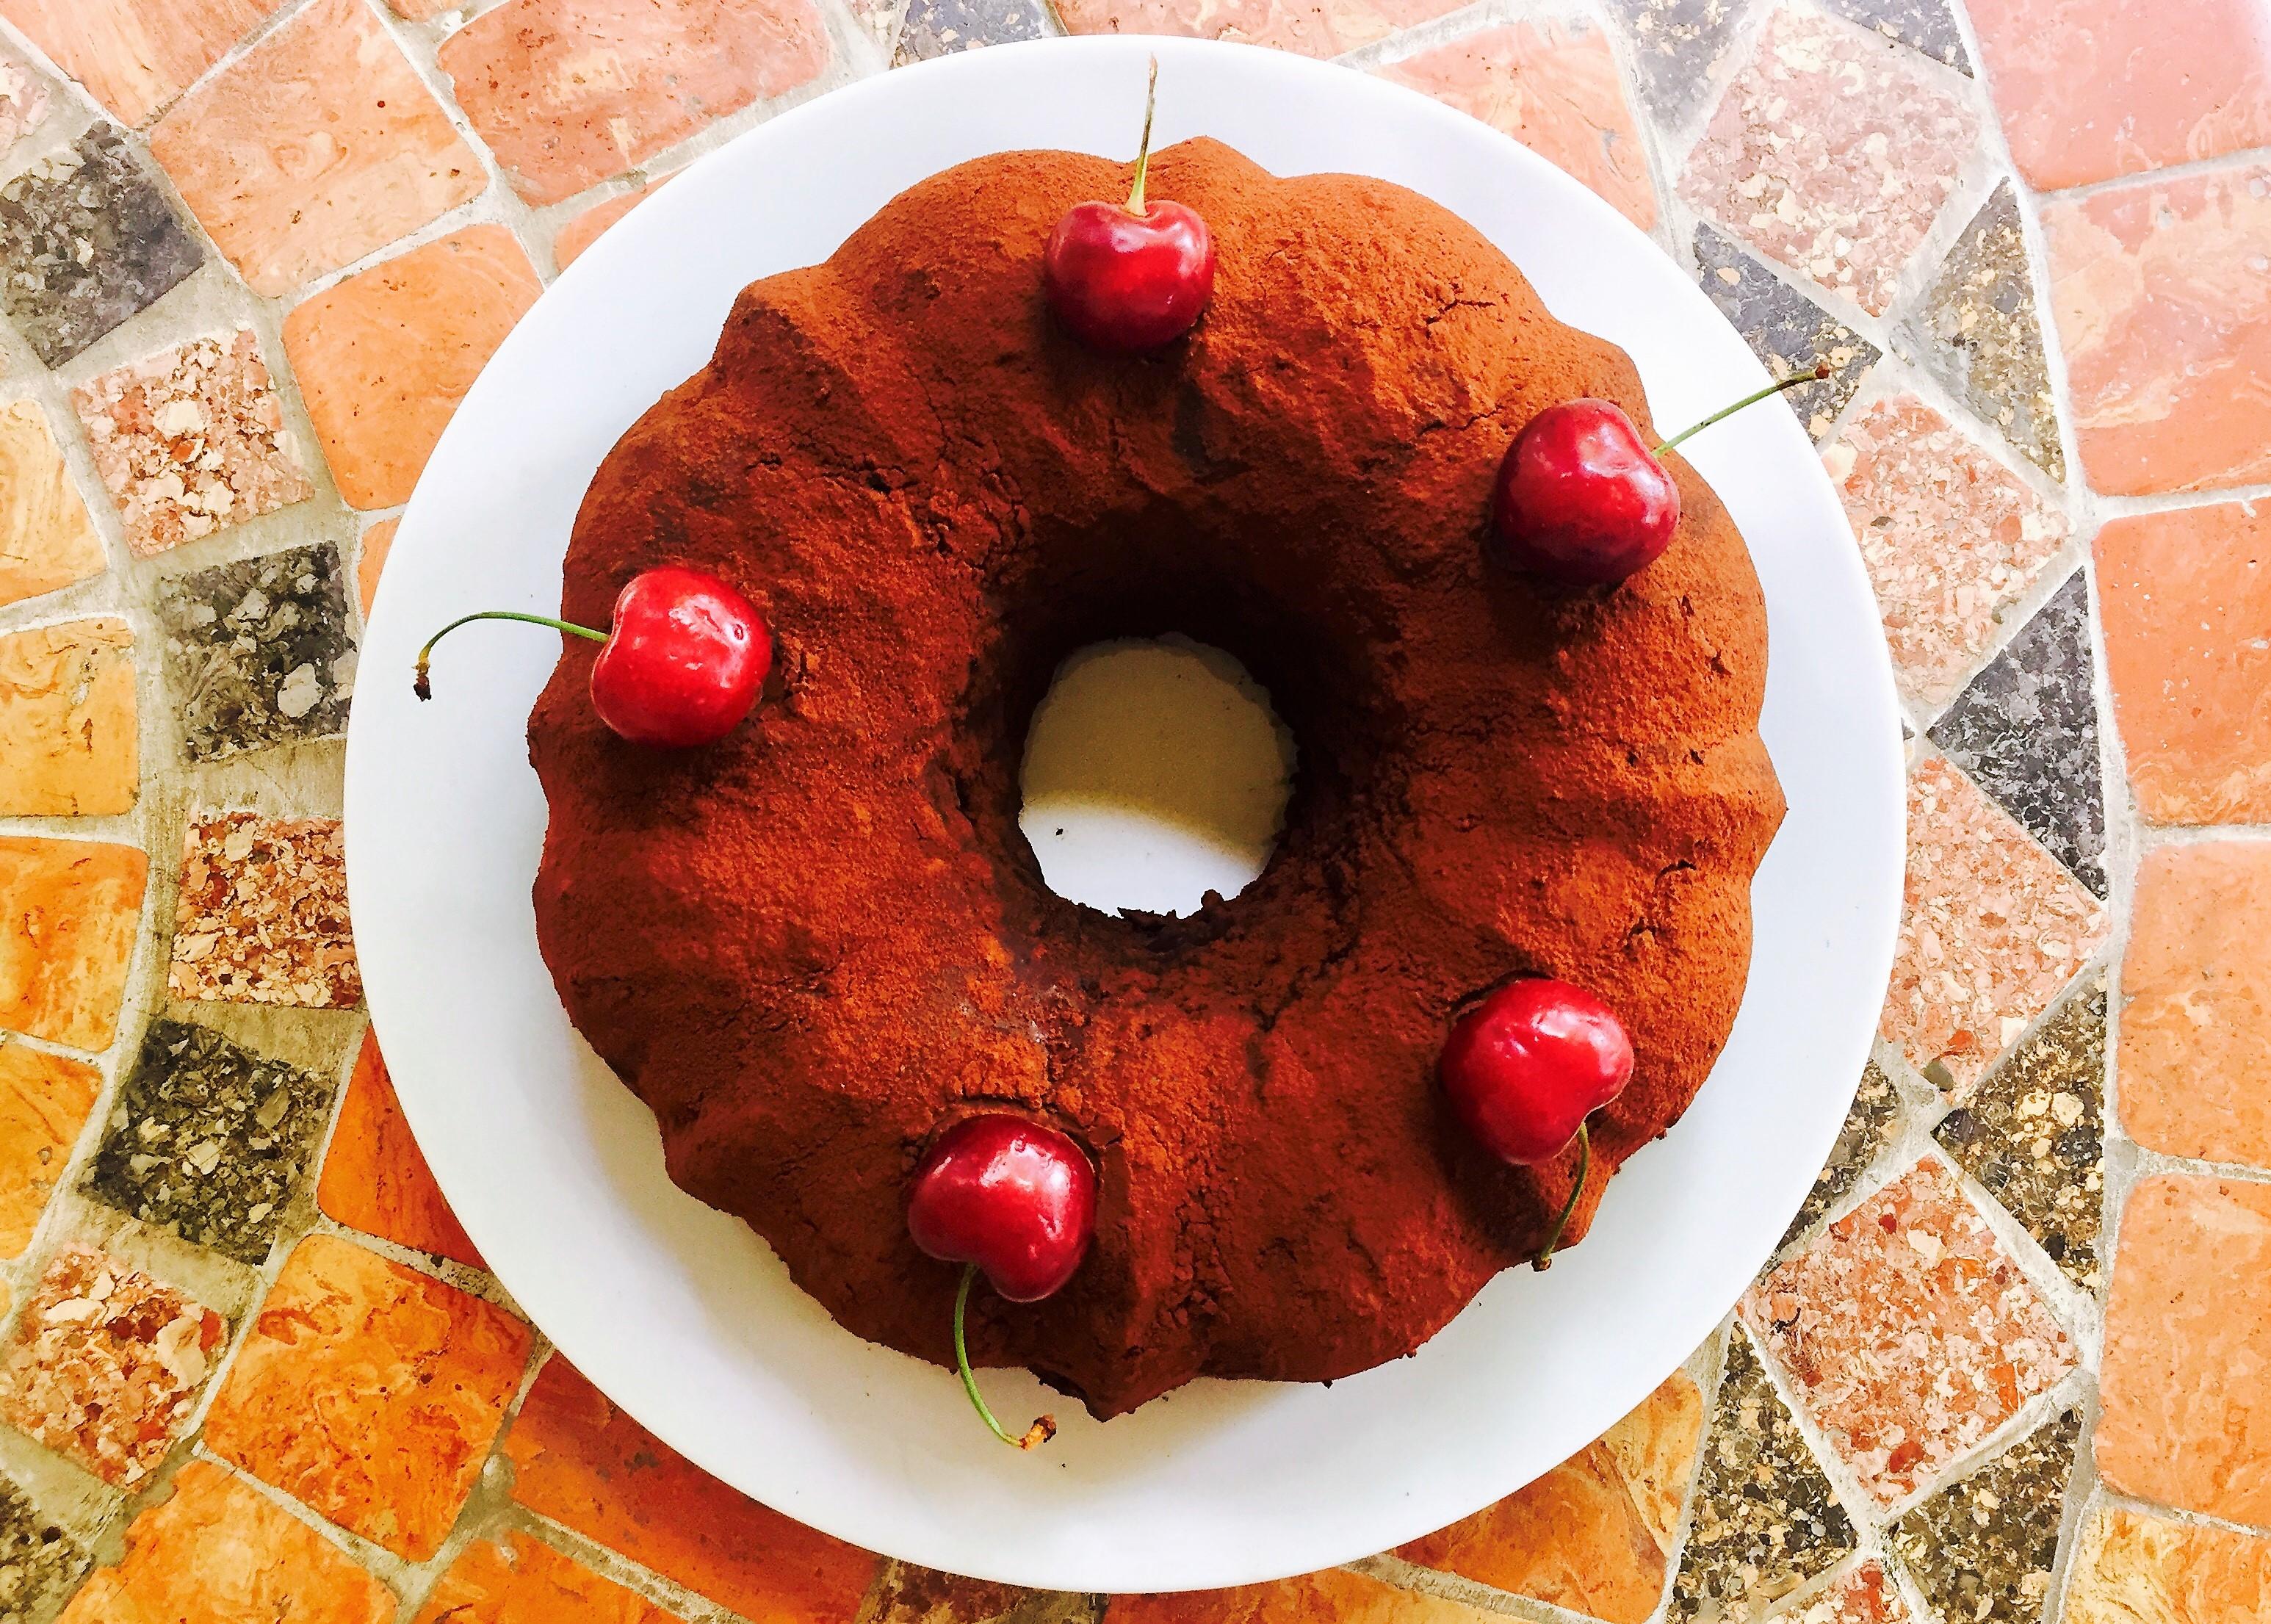 Ciambella al cioccolato e ciliegie con olio d'oliva